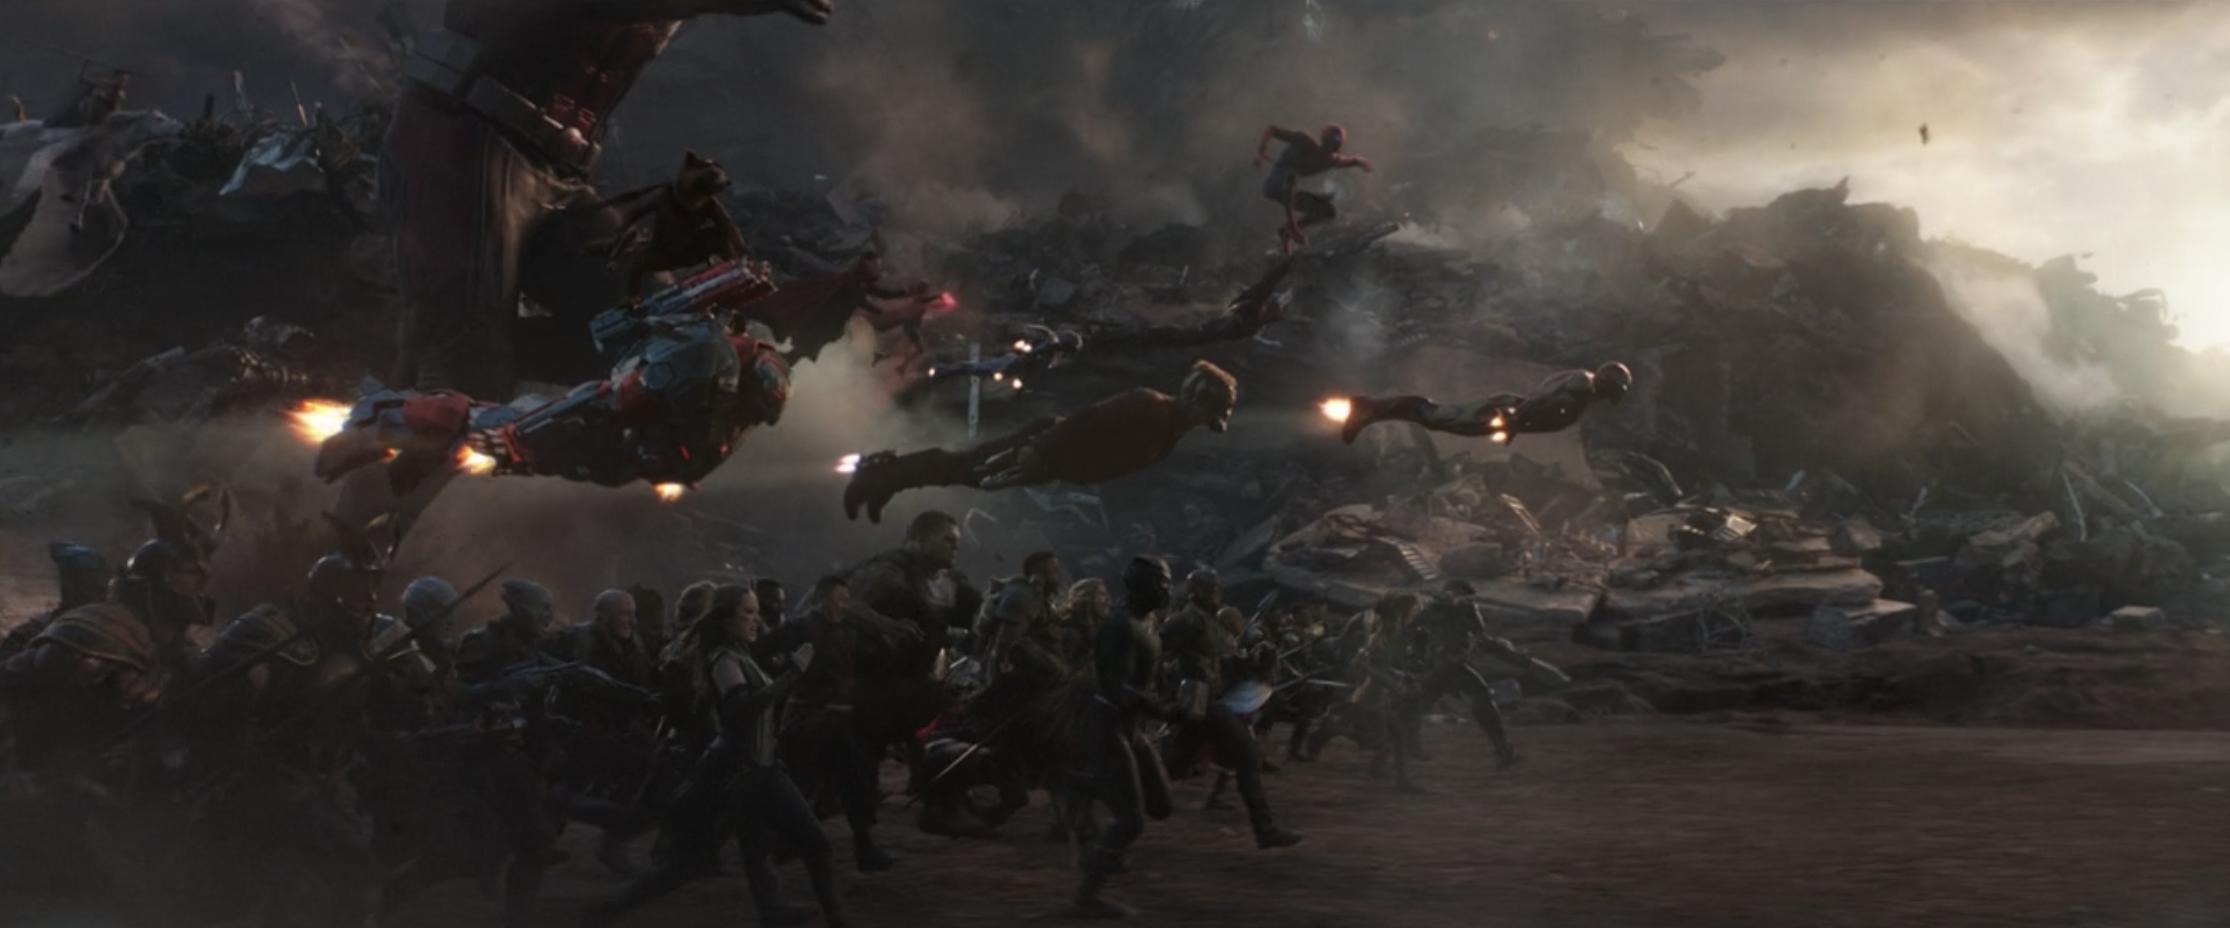 Endgame battle scene